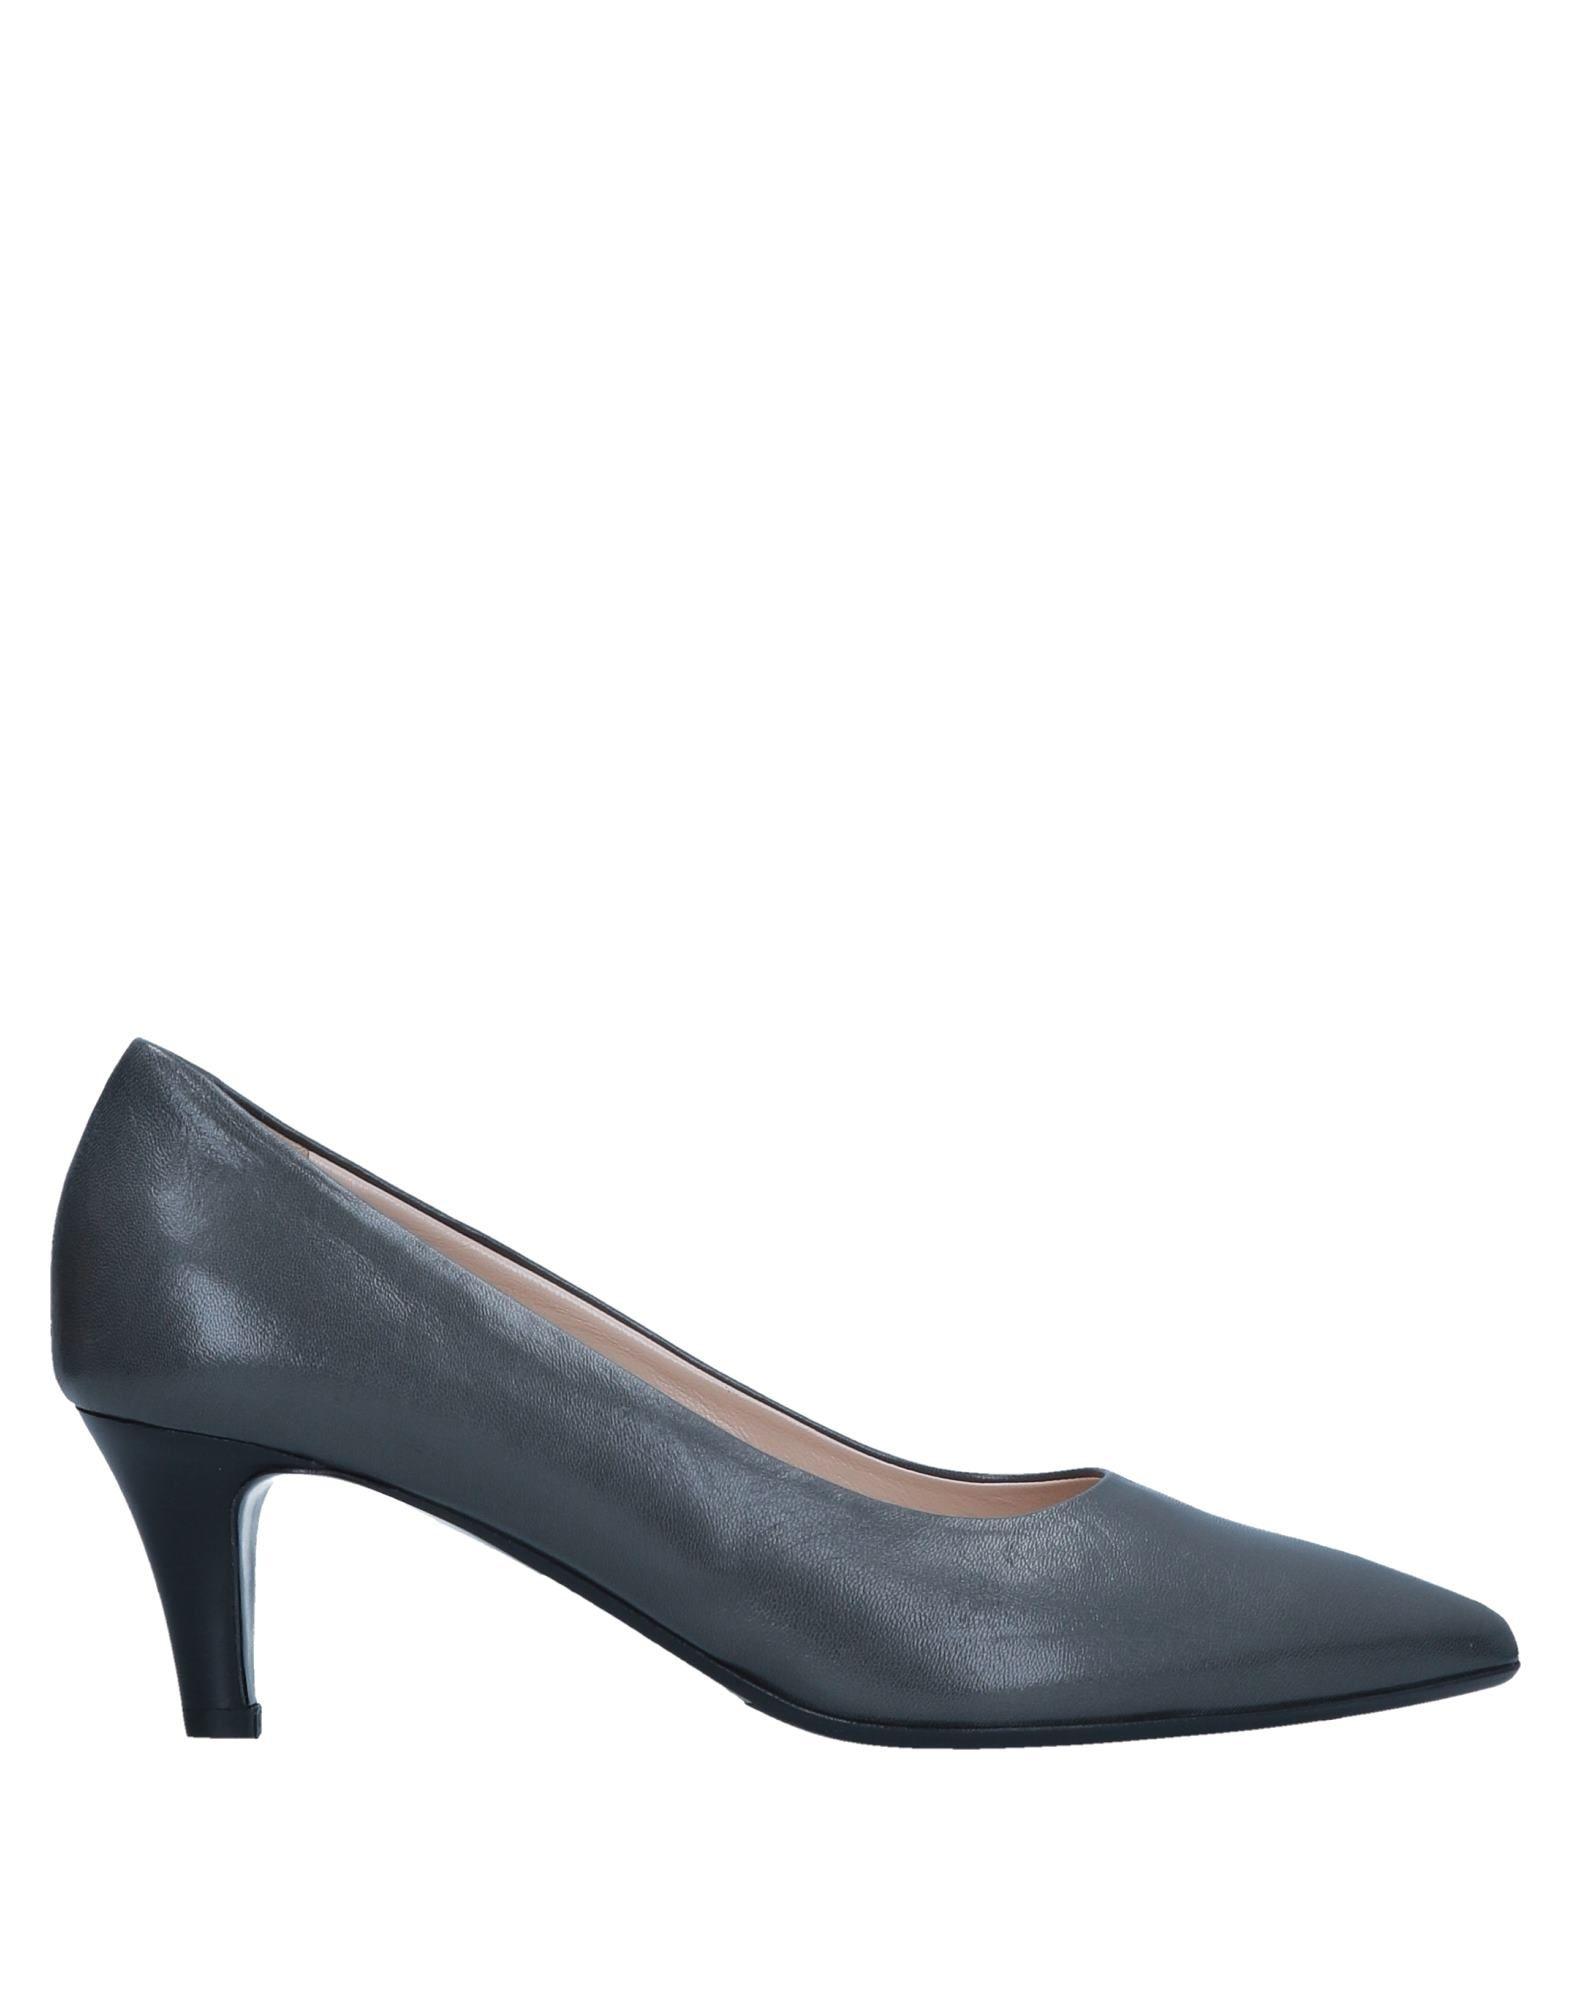 Caiman Pumps Damen  11546966XM Gute Qualität beliebte Schuhe